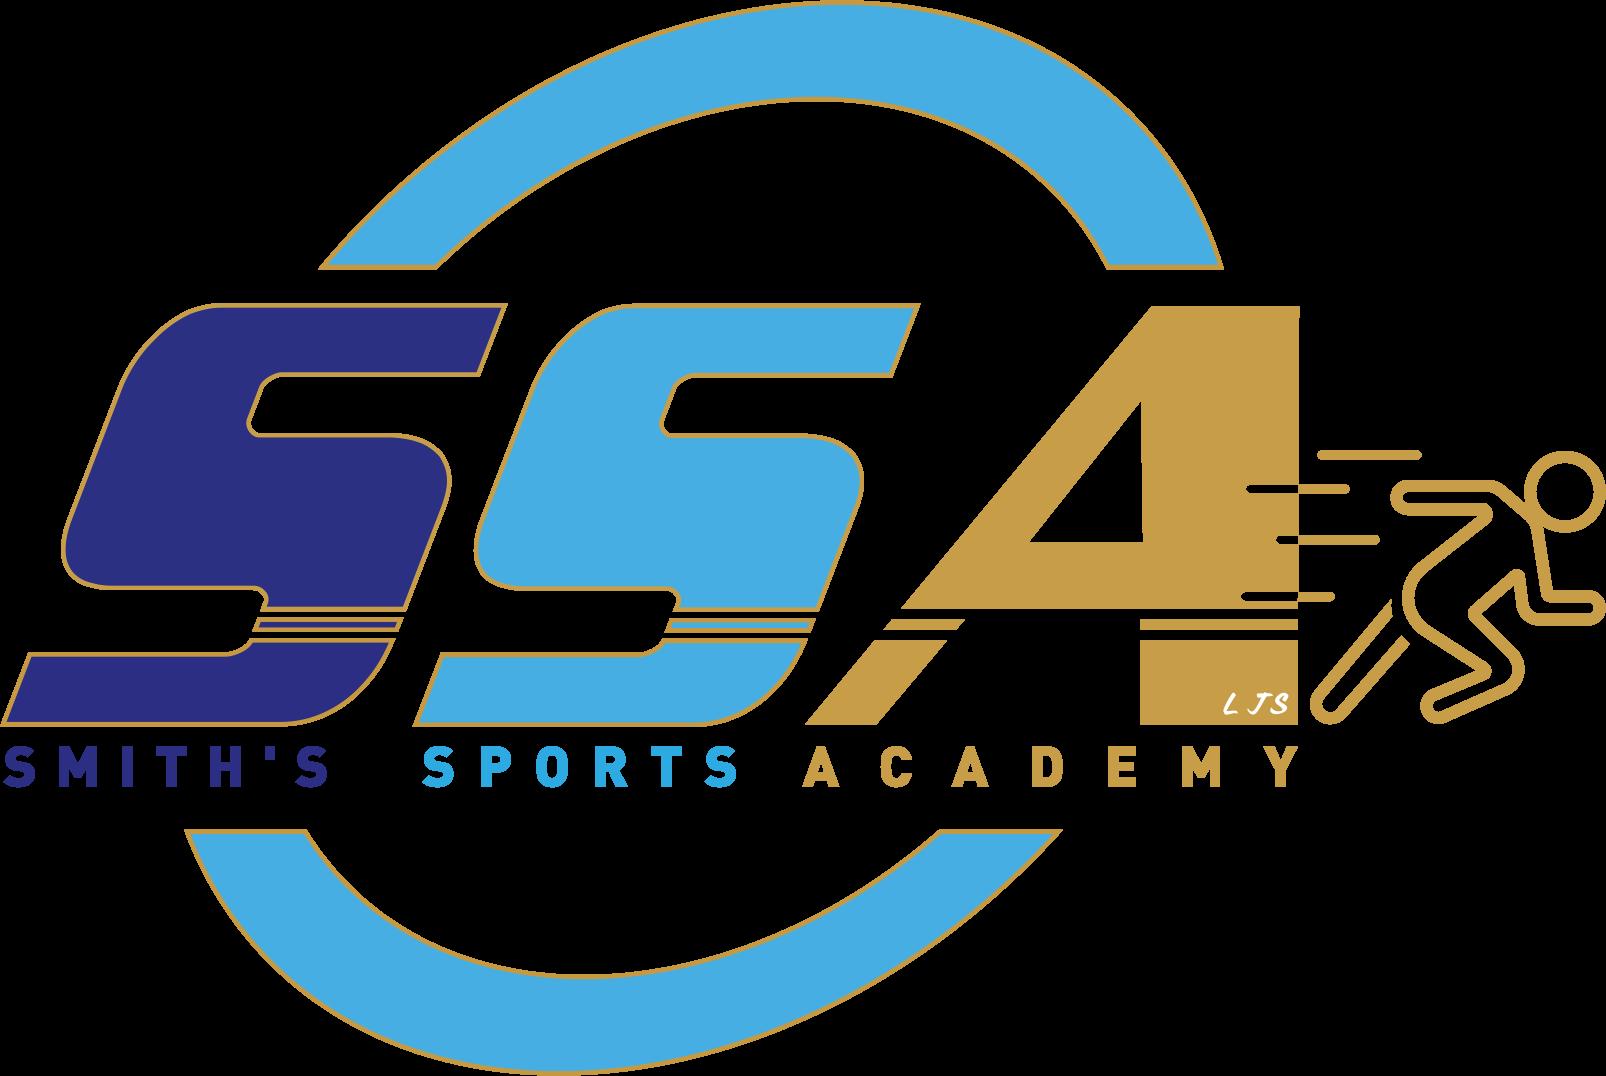 Smith's Sports Academy